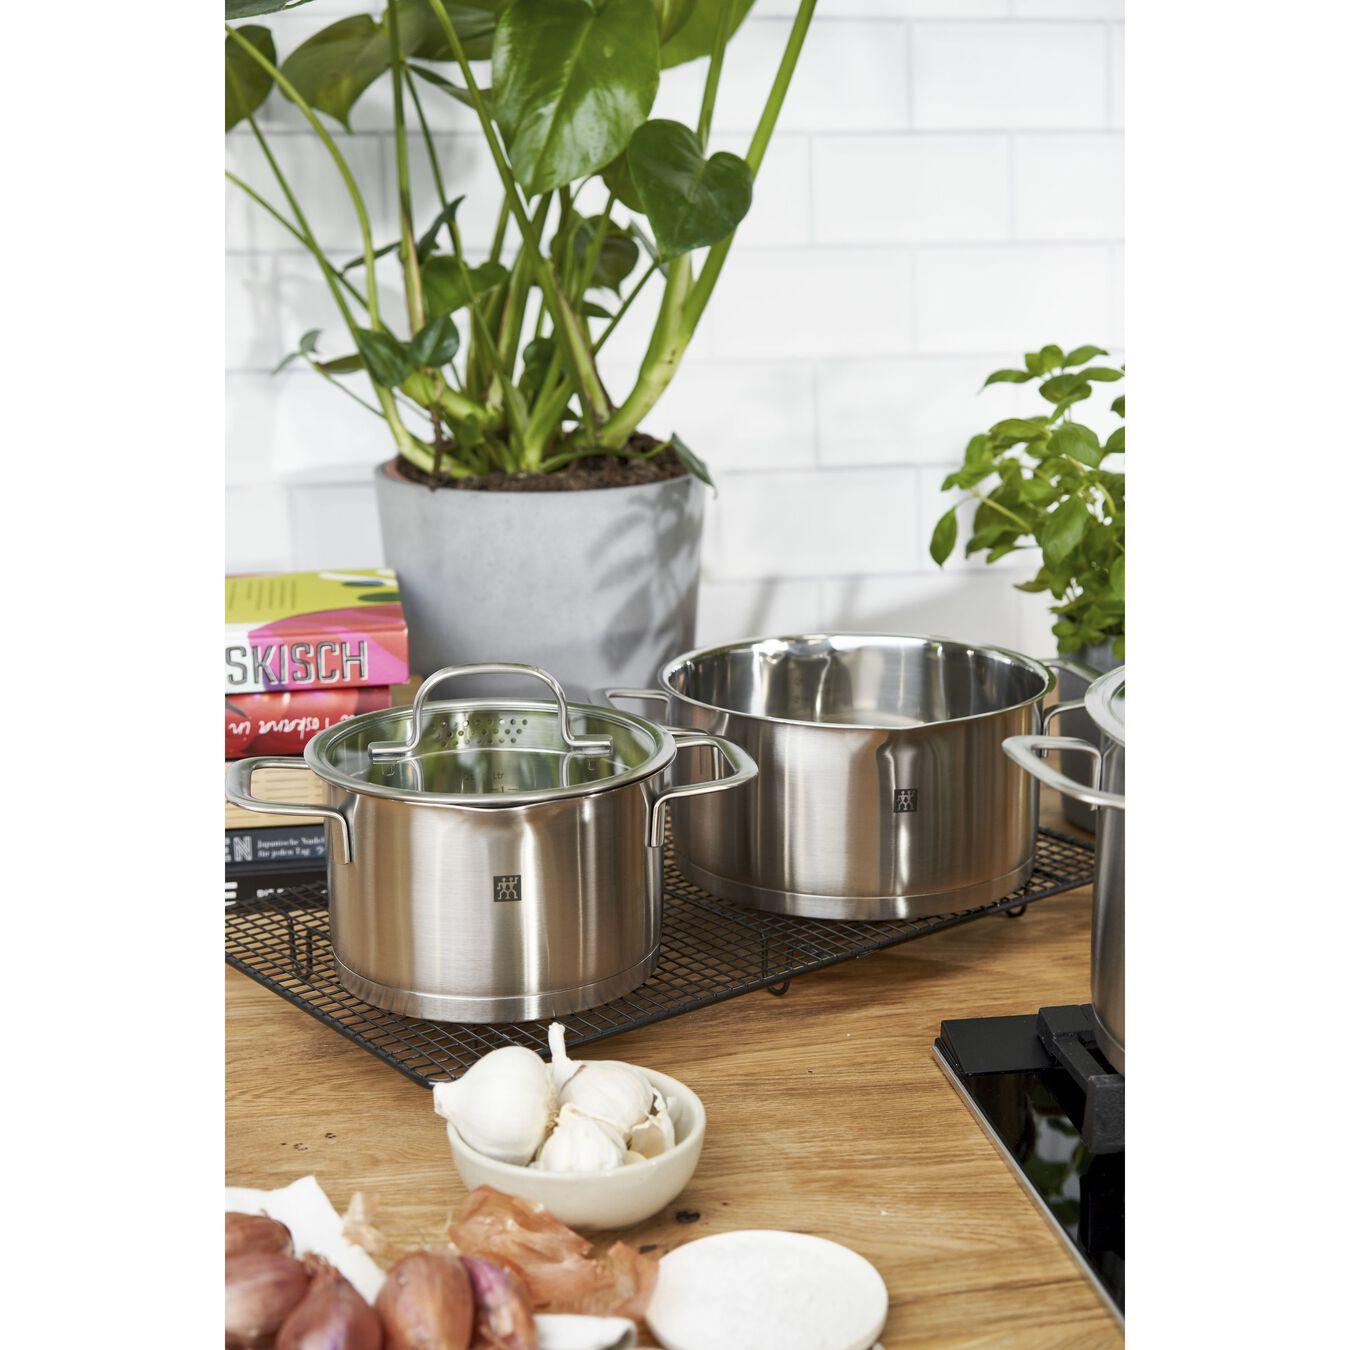 Ensemble de casseroles 4-pcs, Acier inoxydable,,large 9